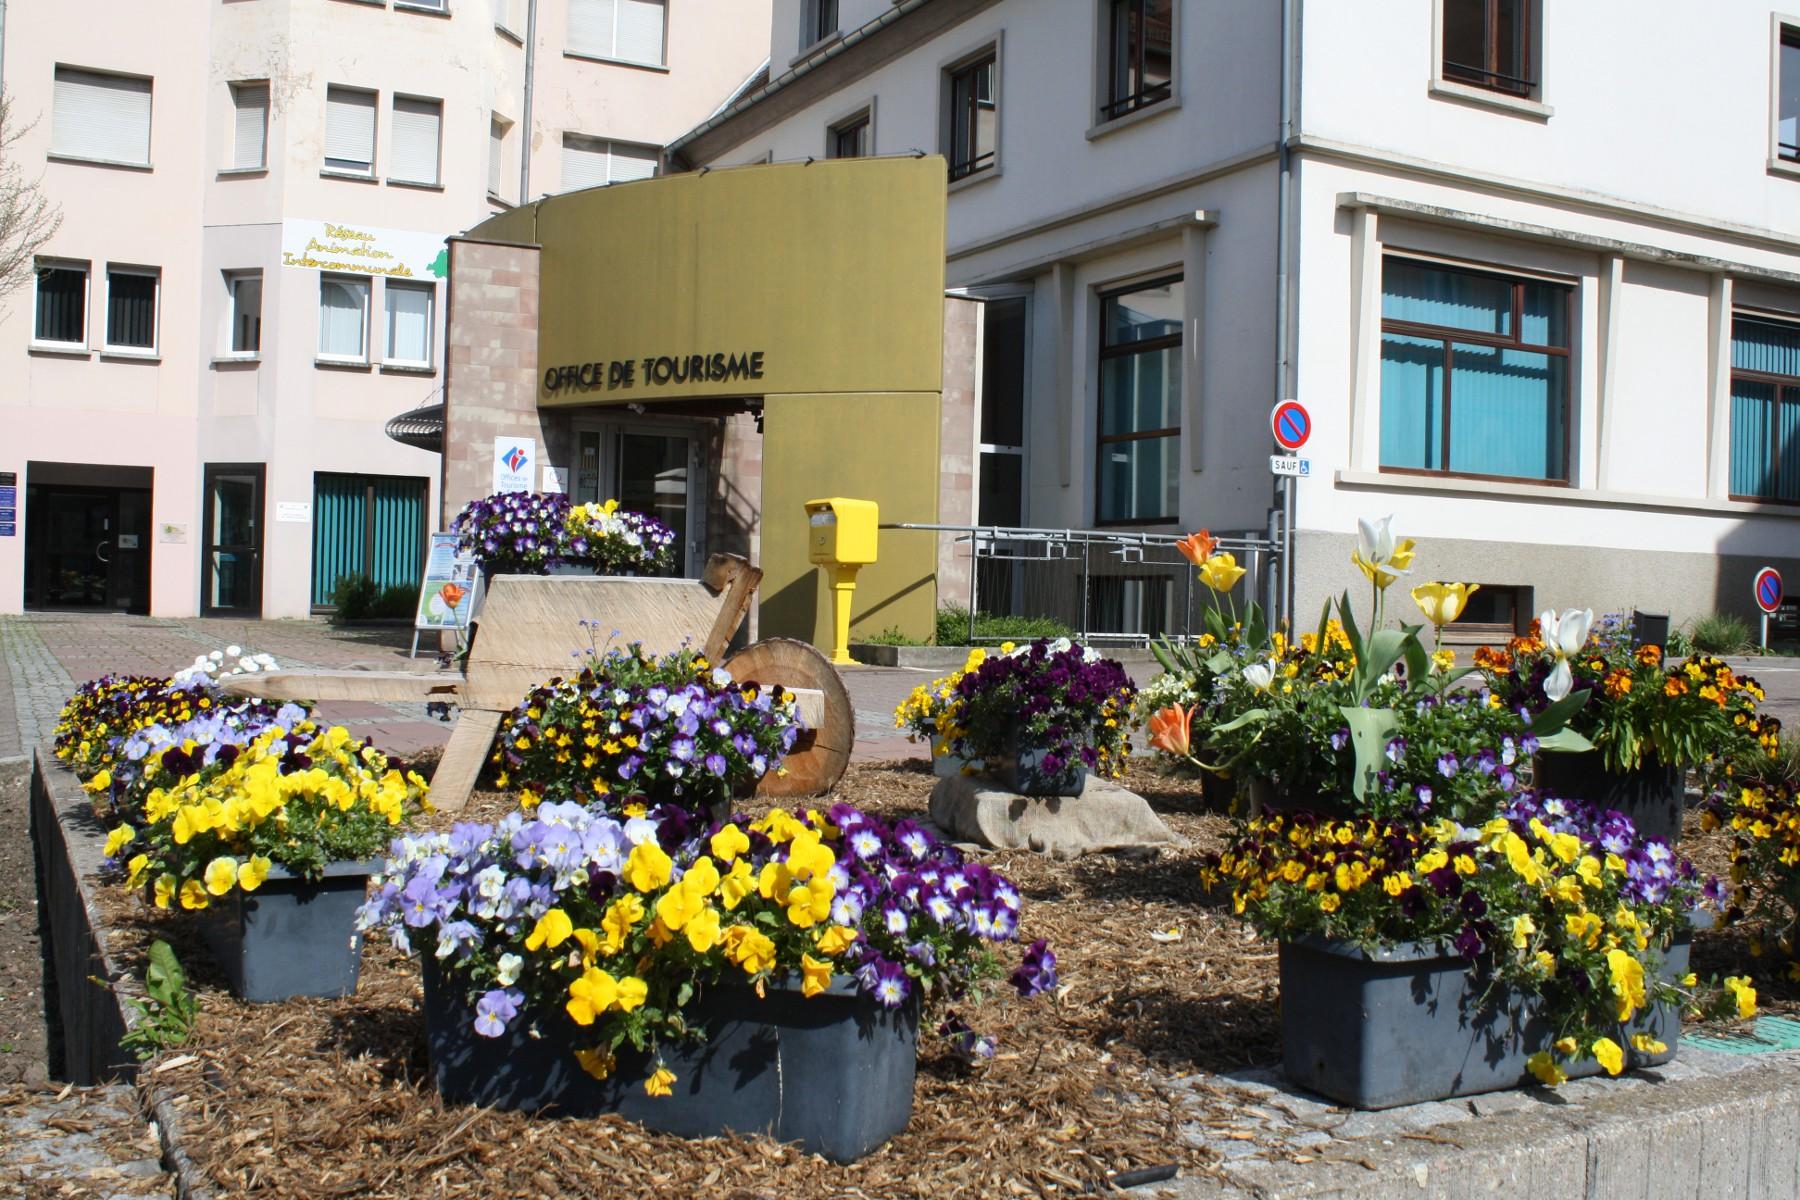 Office de tourisme de niederbronn les bains et sa r gion - Office de tourisme de vernet les bains ...